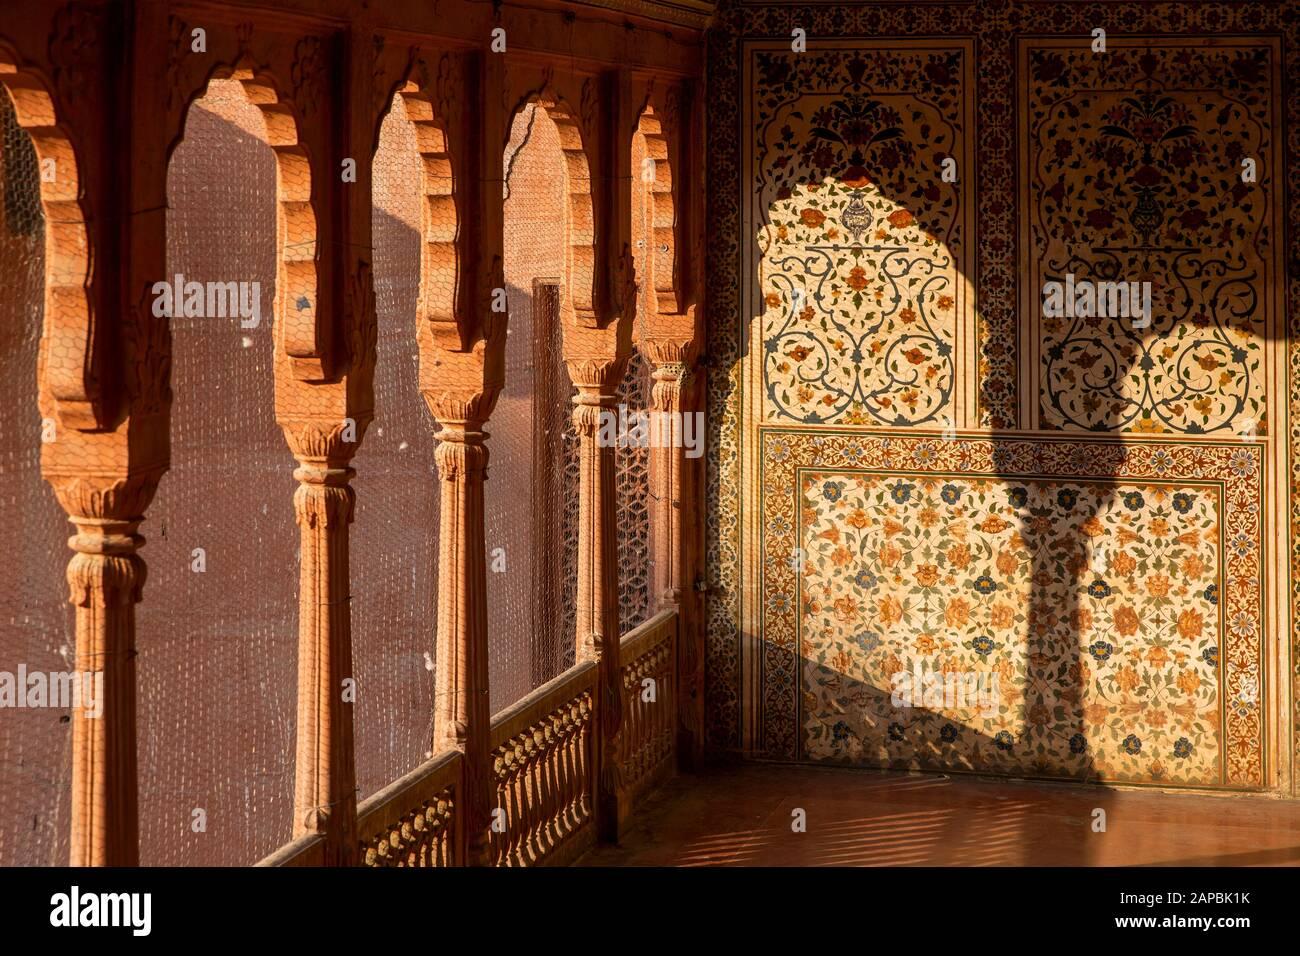 India, Rajasthan, Shekhawati, Bikaner, centro de la ciudad, fortaleza de Junagarh, luz aunque pilares sobre paredes pintadas para parecer pieta dura incrustación de piedra sobre UN Foto de stock